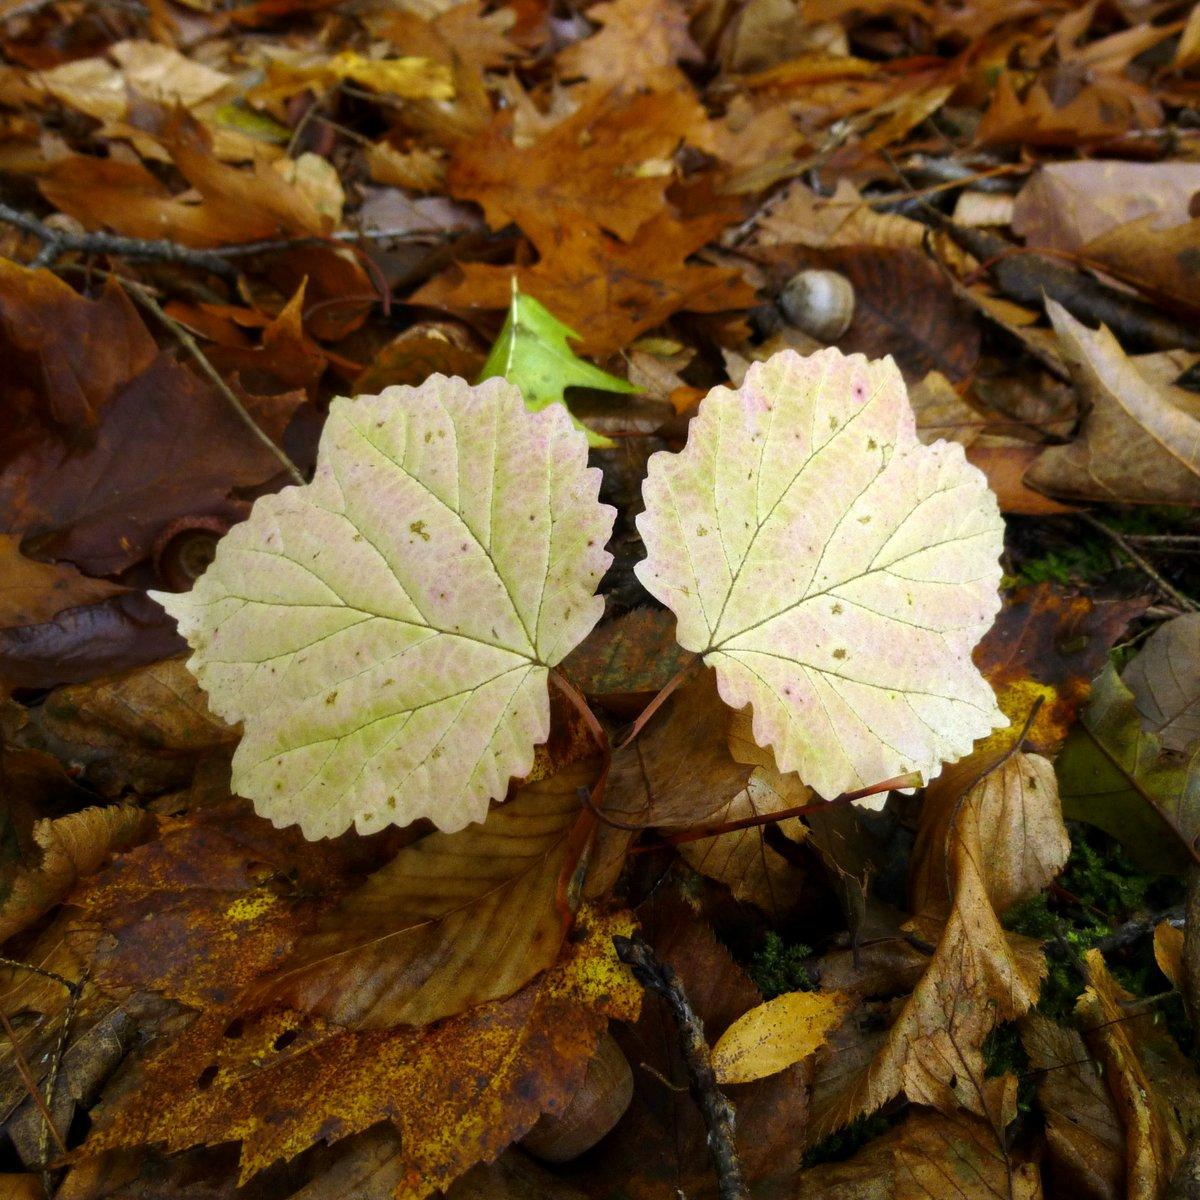 11. Maple Leaved Viburnum